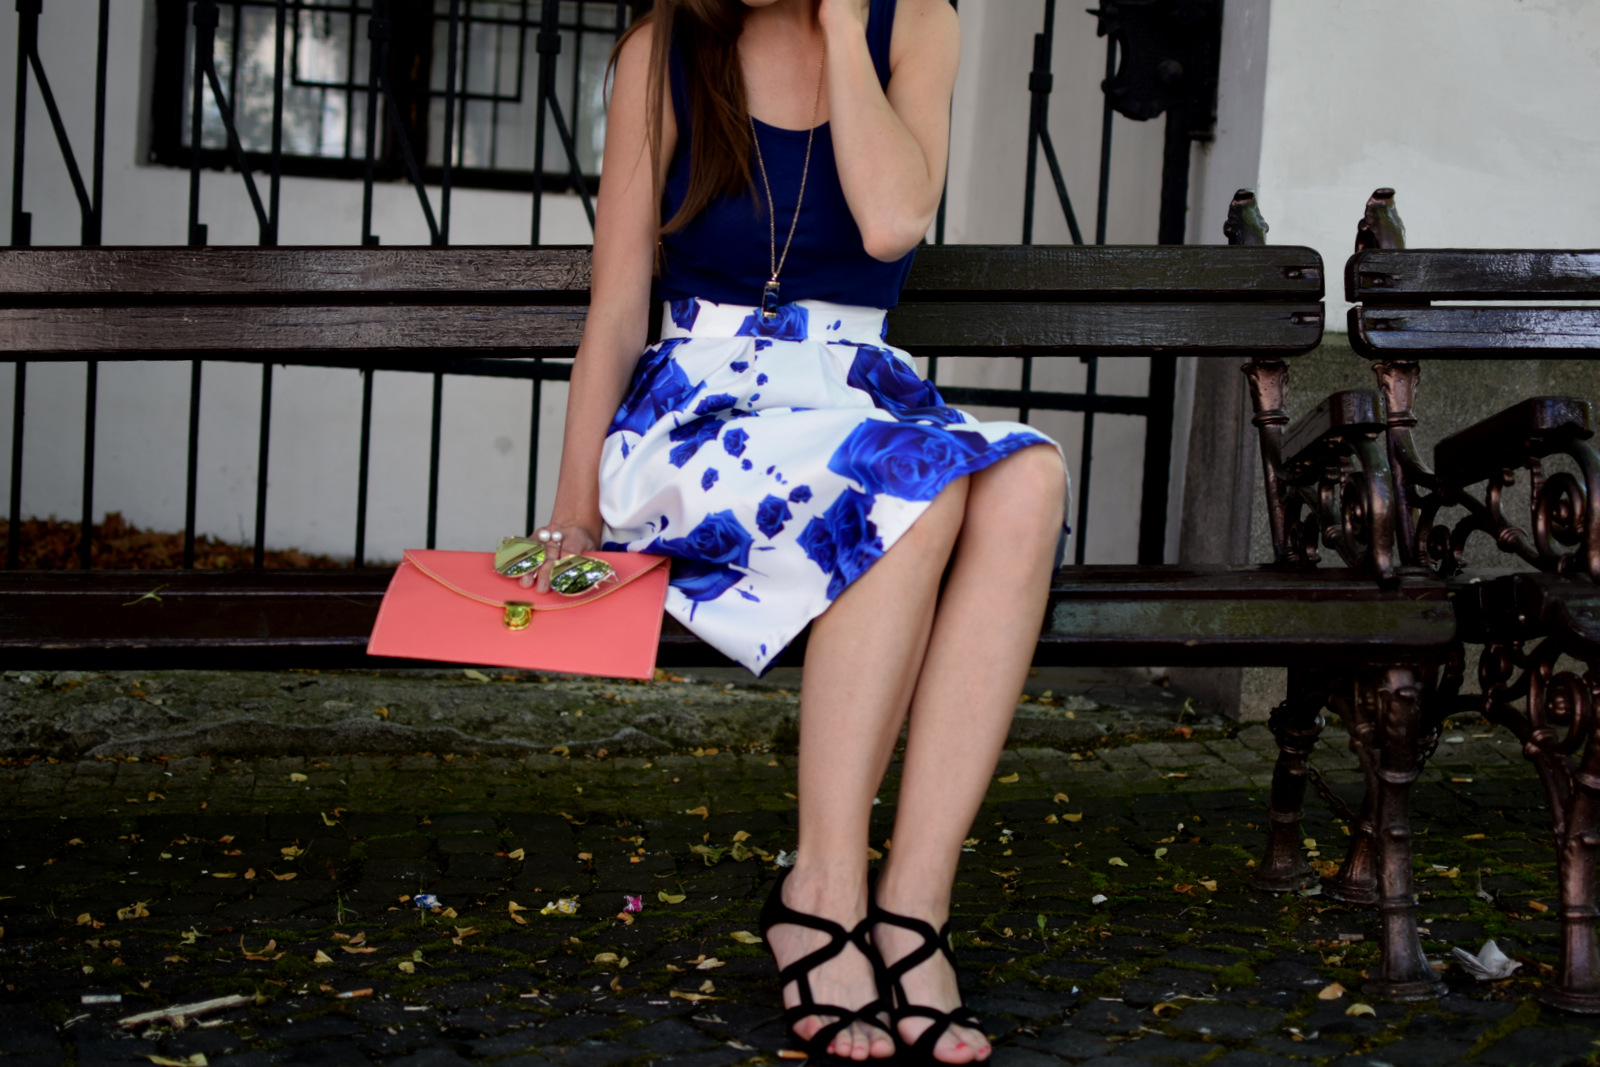 ako som si uvedomila, že svoju energiu investujem do nesprávnych činností // biela sukňa s modrými ružami